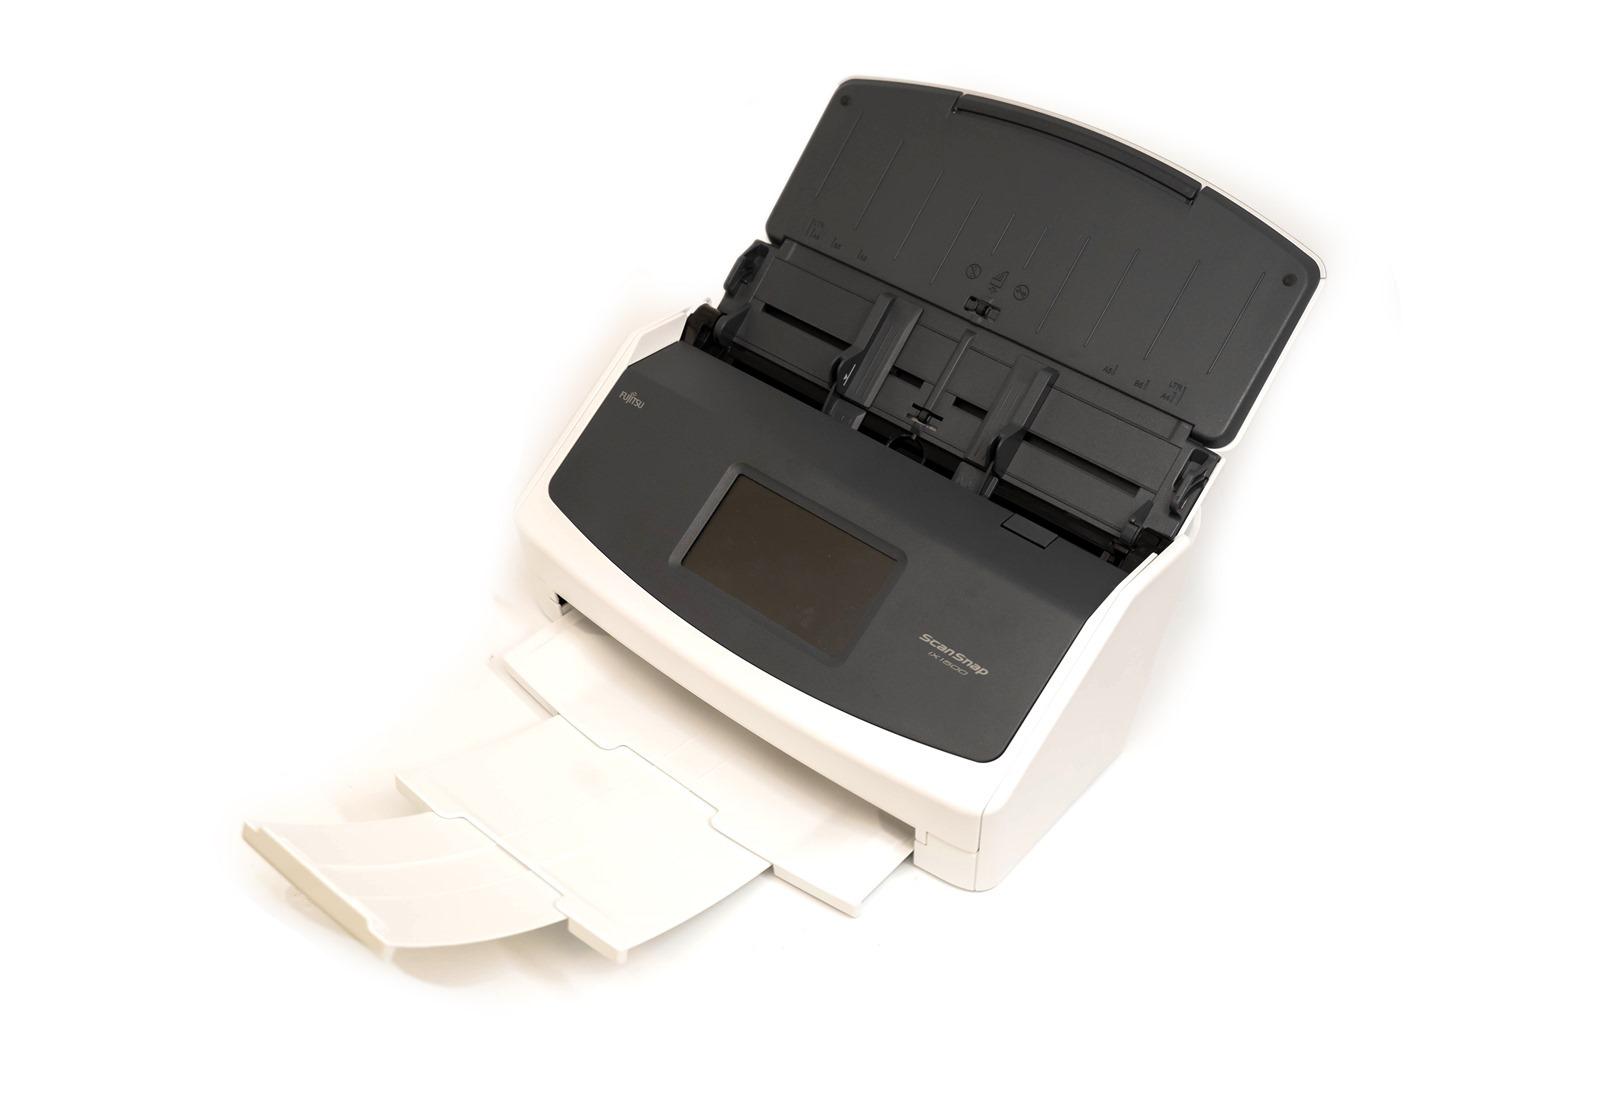 自炊掃描神器更進化!Fujitsu ScanSnap iX1500 掃瞄器更全功能開箱!每分鐘 60 面超快掃描! @3C 達人廖阿輝